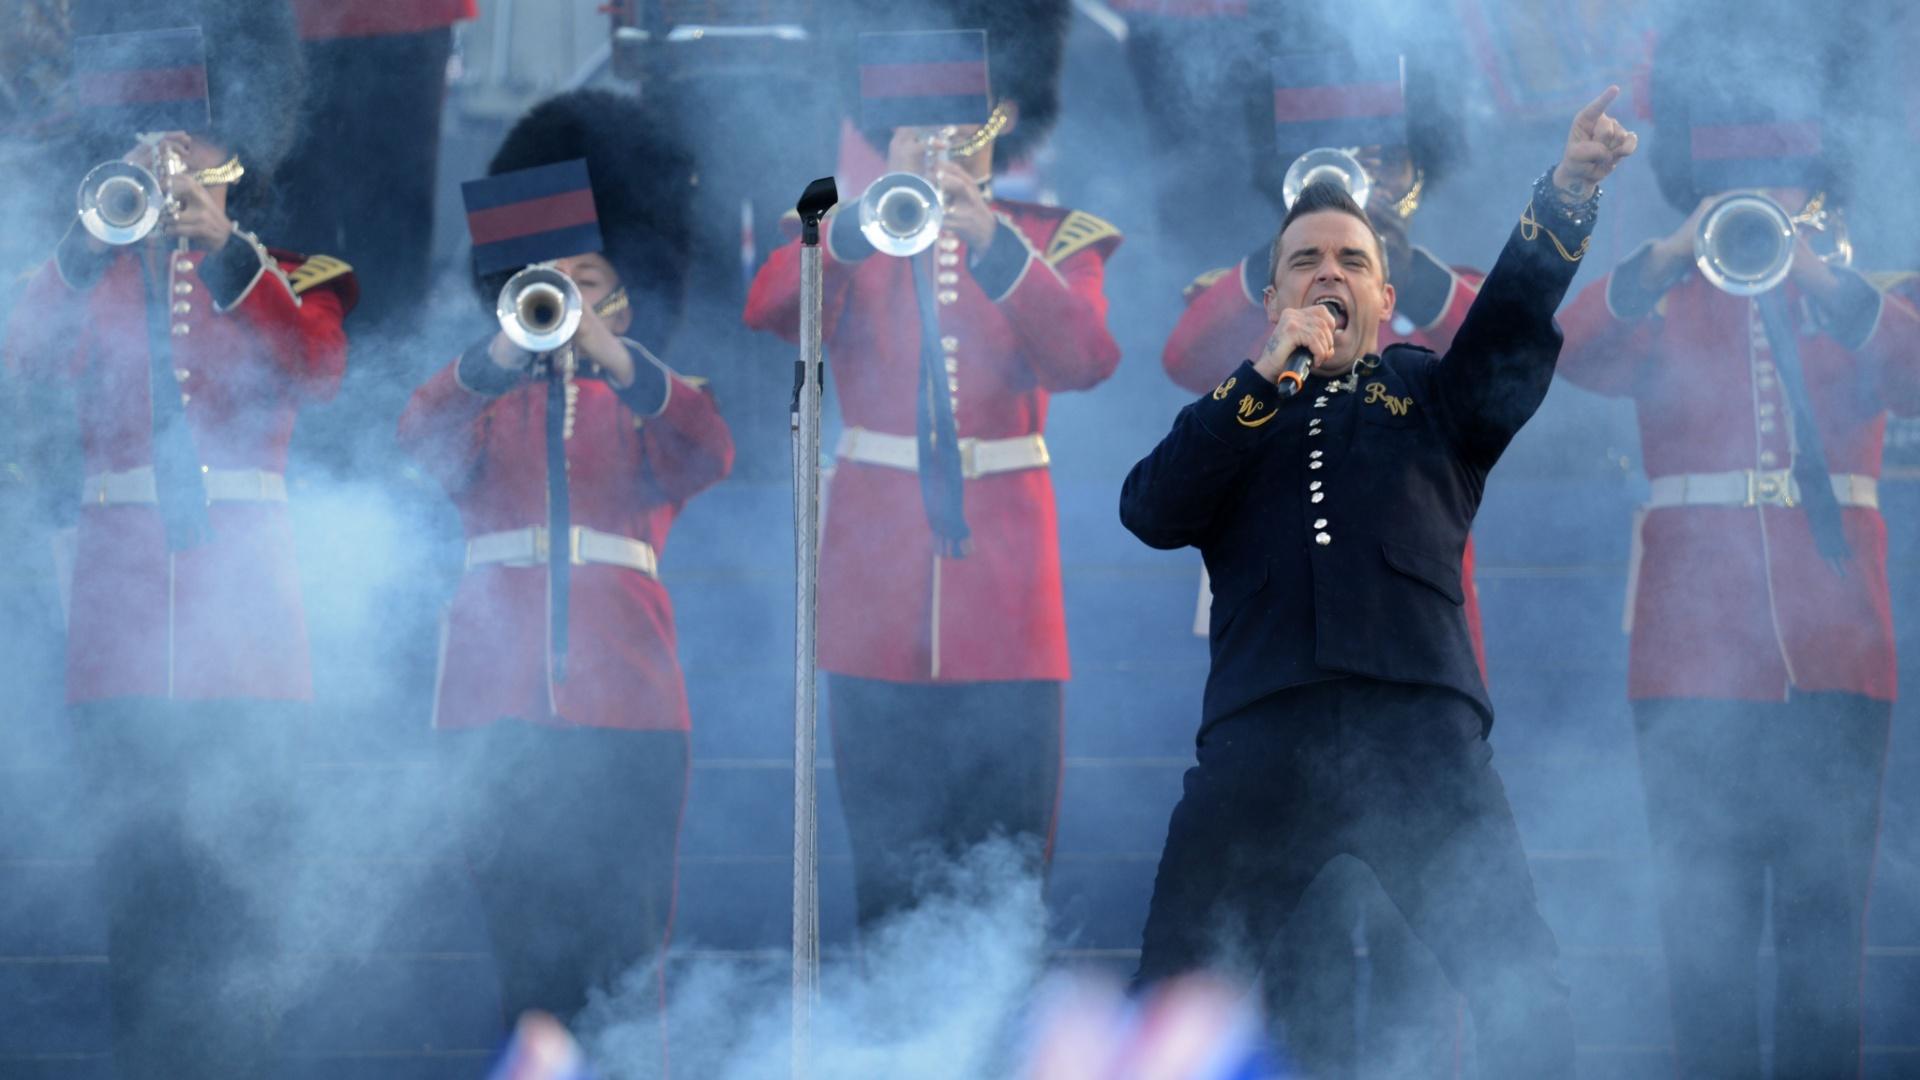 O cantor Robbie Williams se apresenta durante as comemoração do jubileu da rainha Elizabeth, no Palácio de Buckingham (4/6/2012)